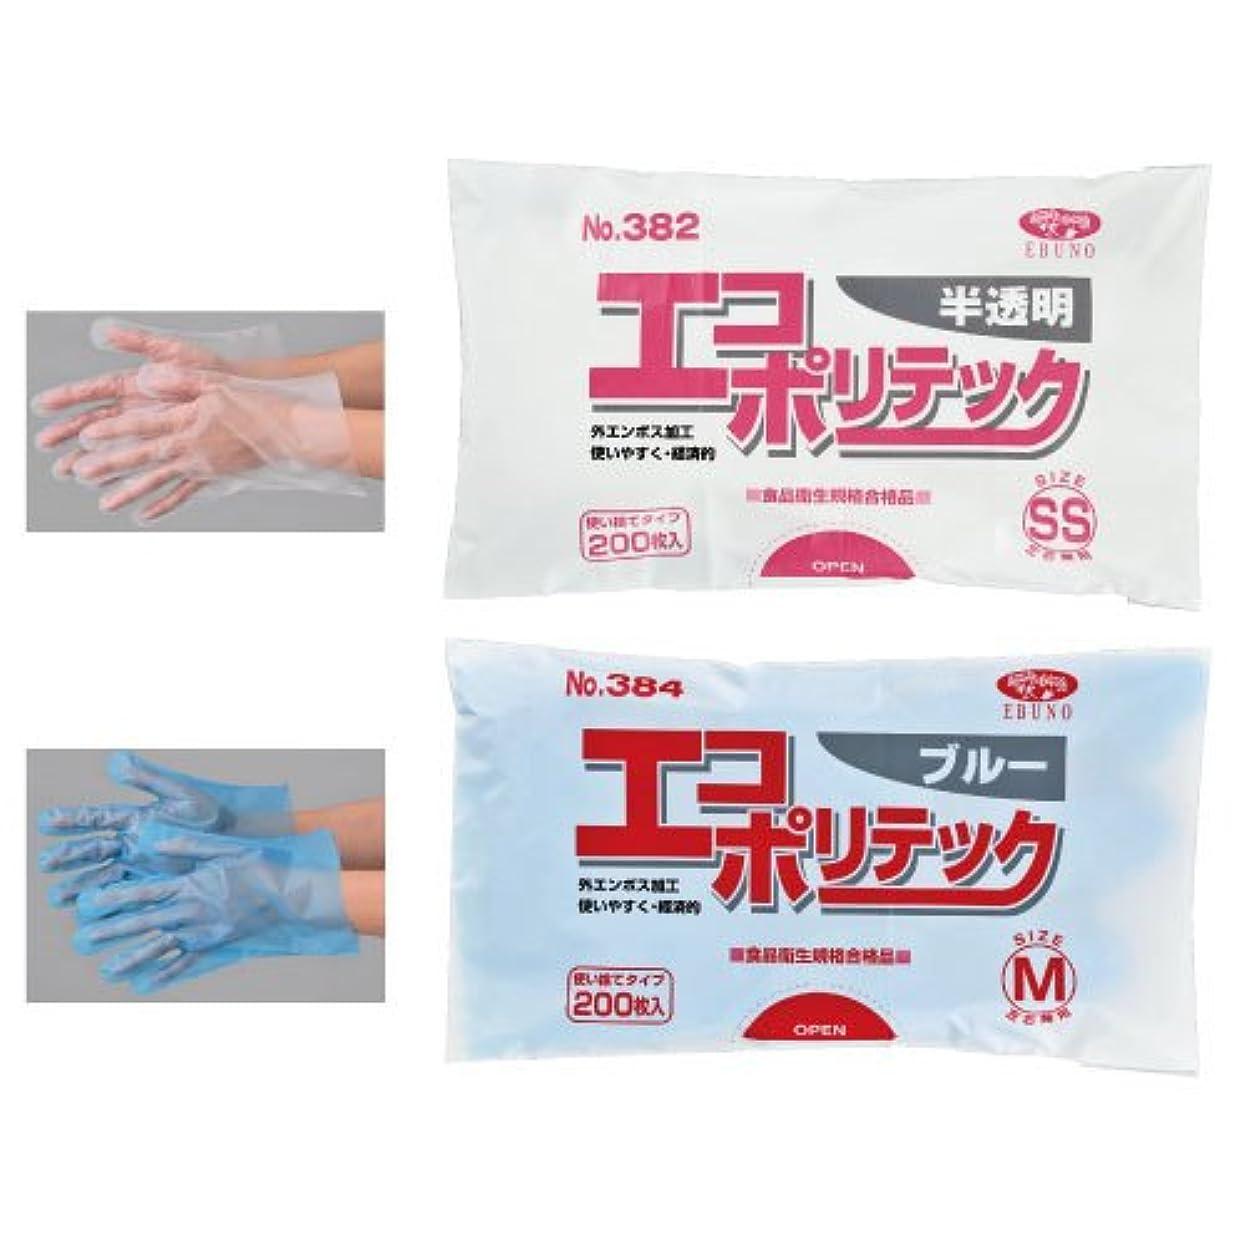 マラドロイト夢中回転させるエブノ ポリエチレン手袋 No.382 M 半透明 (200枚×30袋) エコポリテック 袋入